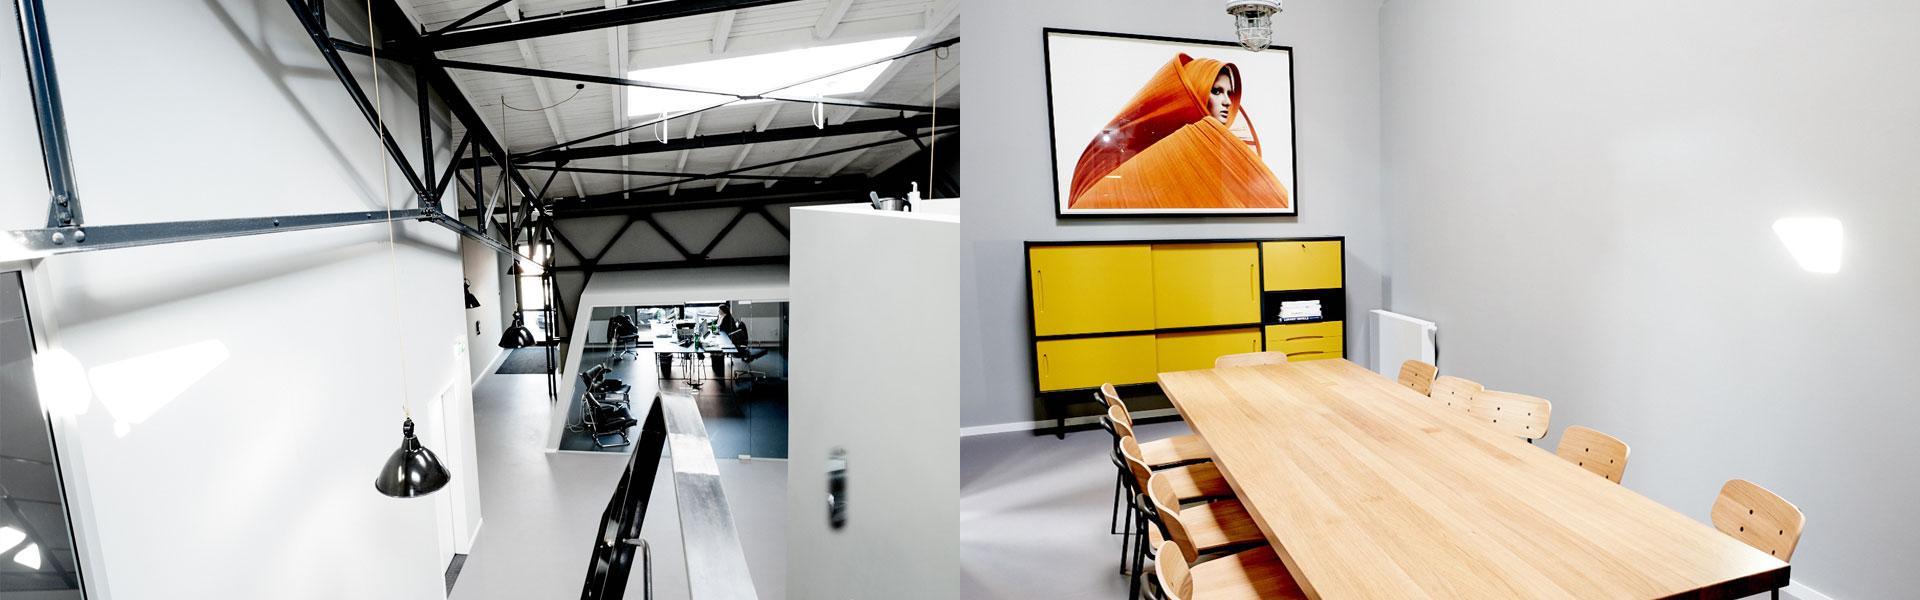 Fotostudio - Architektur werk ...